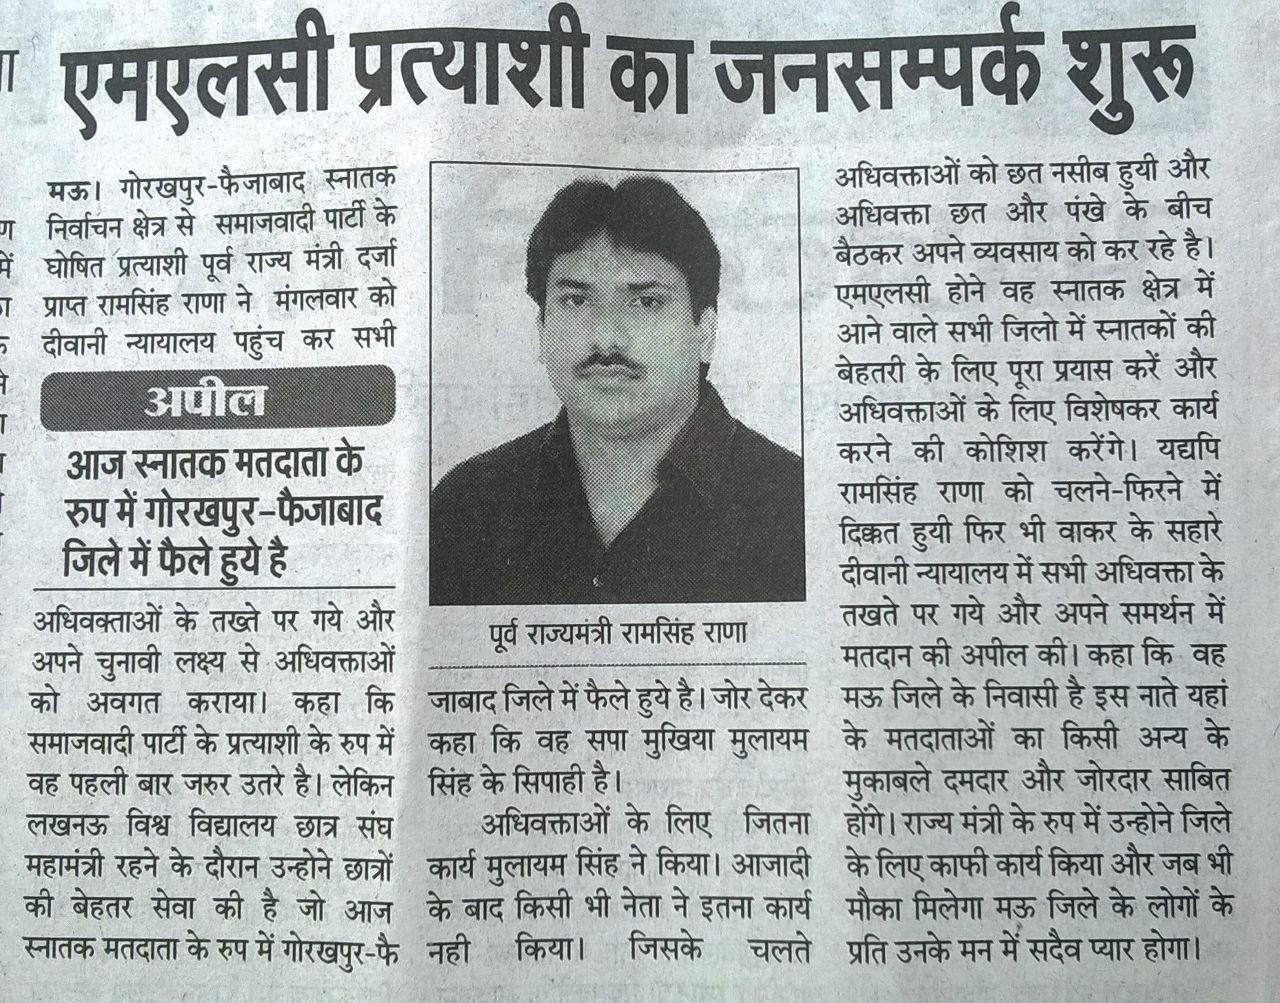 राम सिंह राणा जी ने अपना जनसम्पर्क शुरू किया